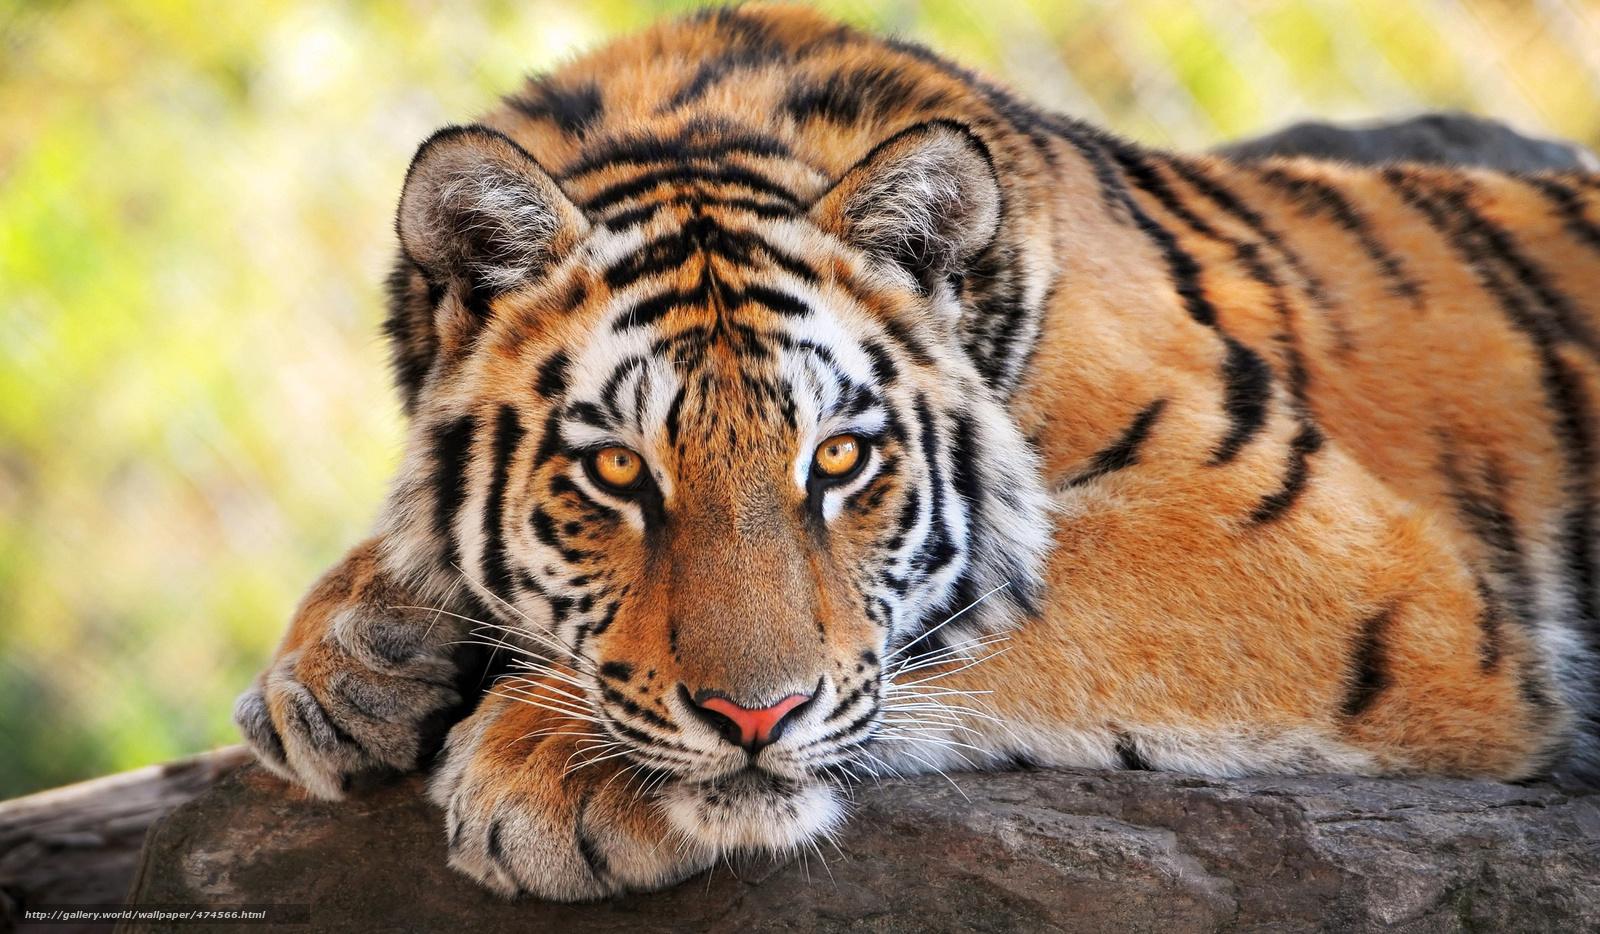 Tlcharger fond d 39 ecran tigre chat sauvage prdateur fonds for Fond ecran gratuit animaux